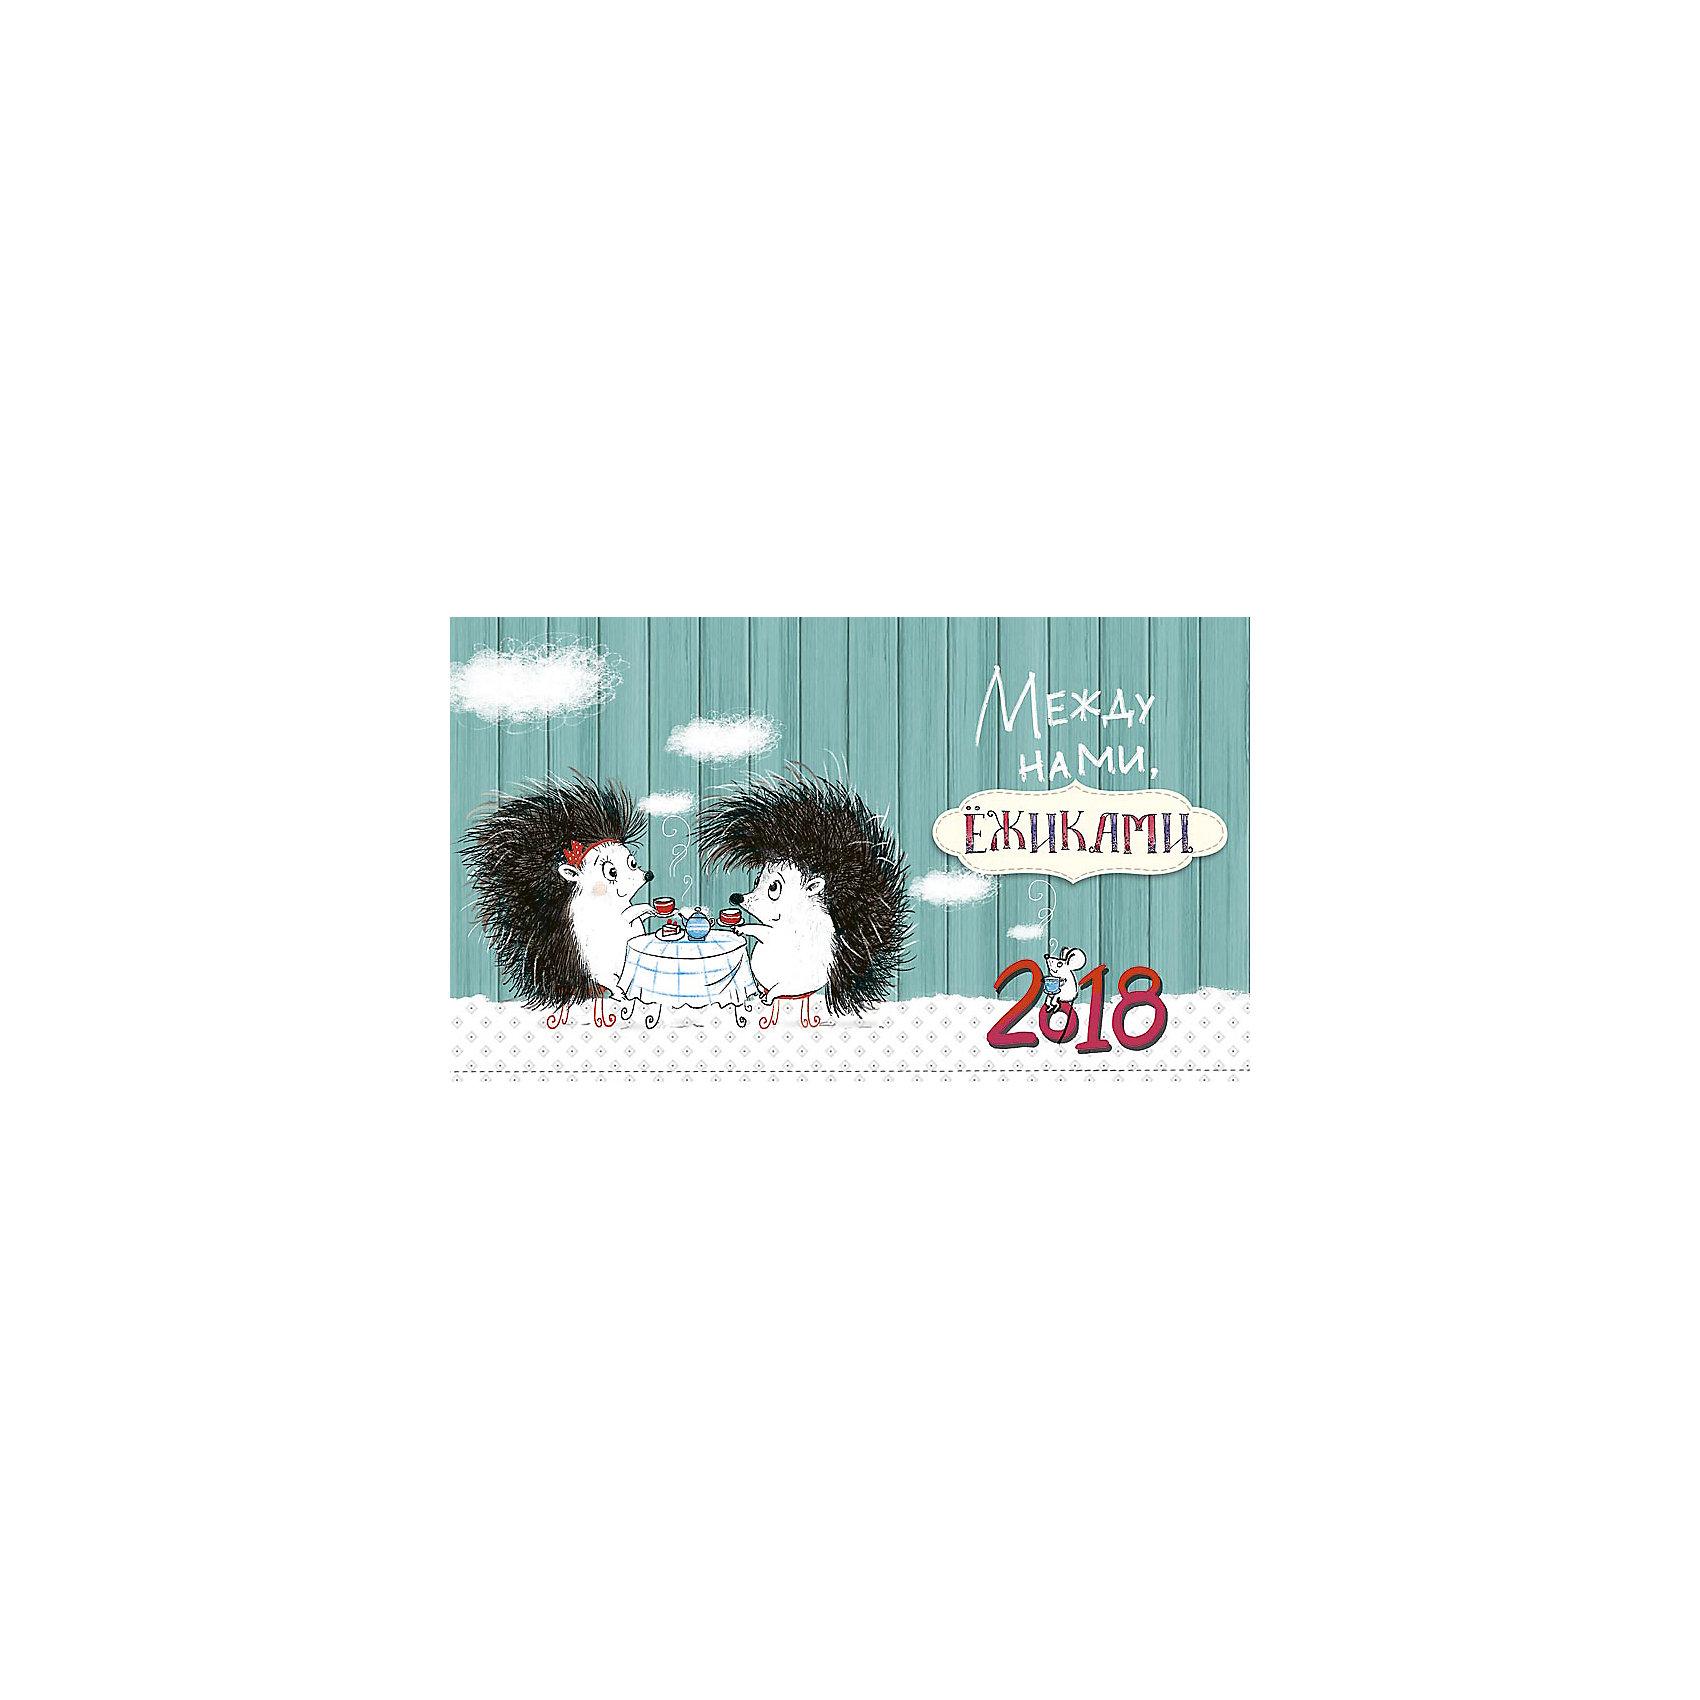 Календарь 2018 настольный перекидной Между нами, ёжикамиНовогодние календари<br>Календарь настольный домик, размер 210х122мм, крепление - металическая пружина, упакован в индивидуальный пакет. Тема календаря Между нами ежиками - с нарисованными ежиками в различных жизненных ситуациях. Календарь на новый год станет приятным дополнением к любому подарку.<br><br>Ширина мм: 122<br>Глубина мм: 210<br>Высота мм: 9999<br>Вес г: 108<br>Возраст от месяцев: -2147483648<br>Возраст до месяцев: 2147483647<br>Пол: Унисекс<br>Возраст: Детский<br>SKU: 7129591